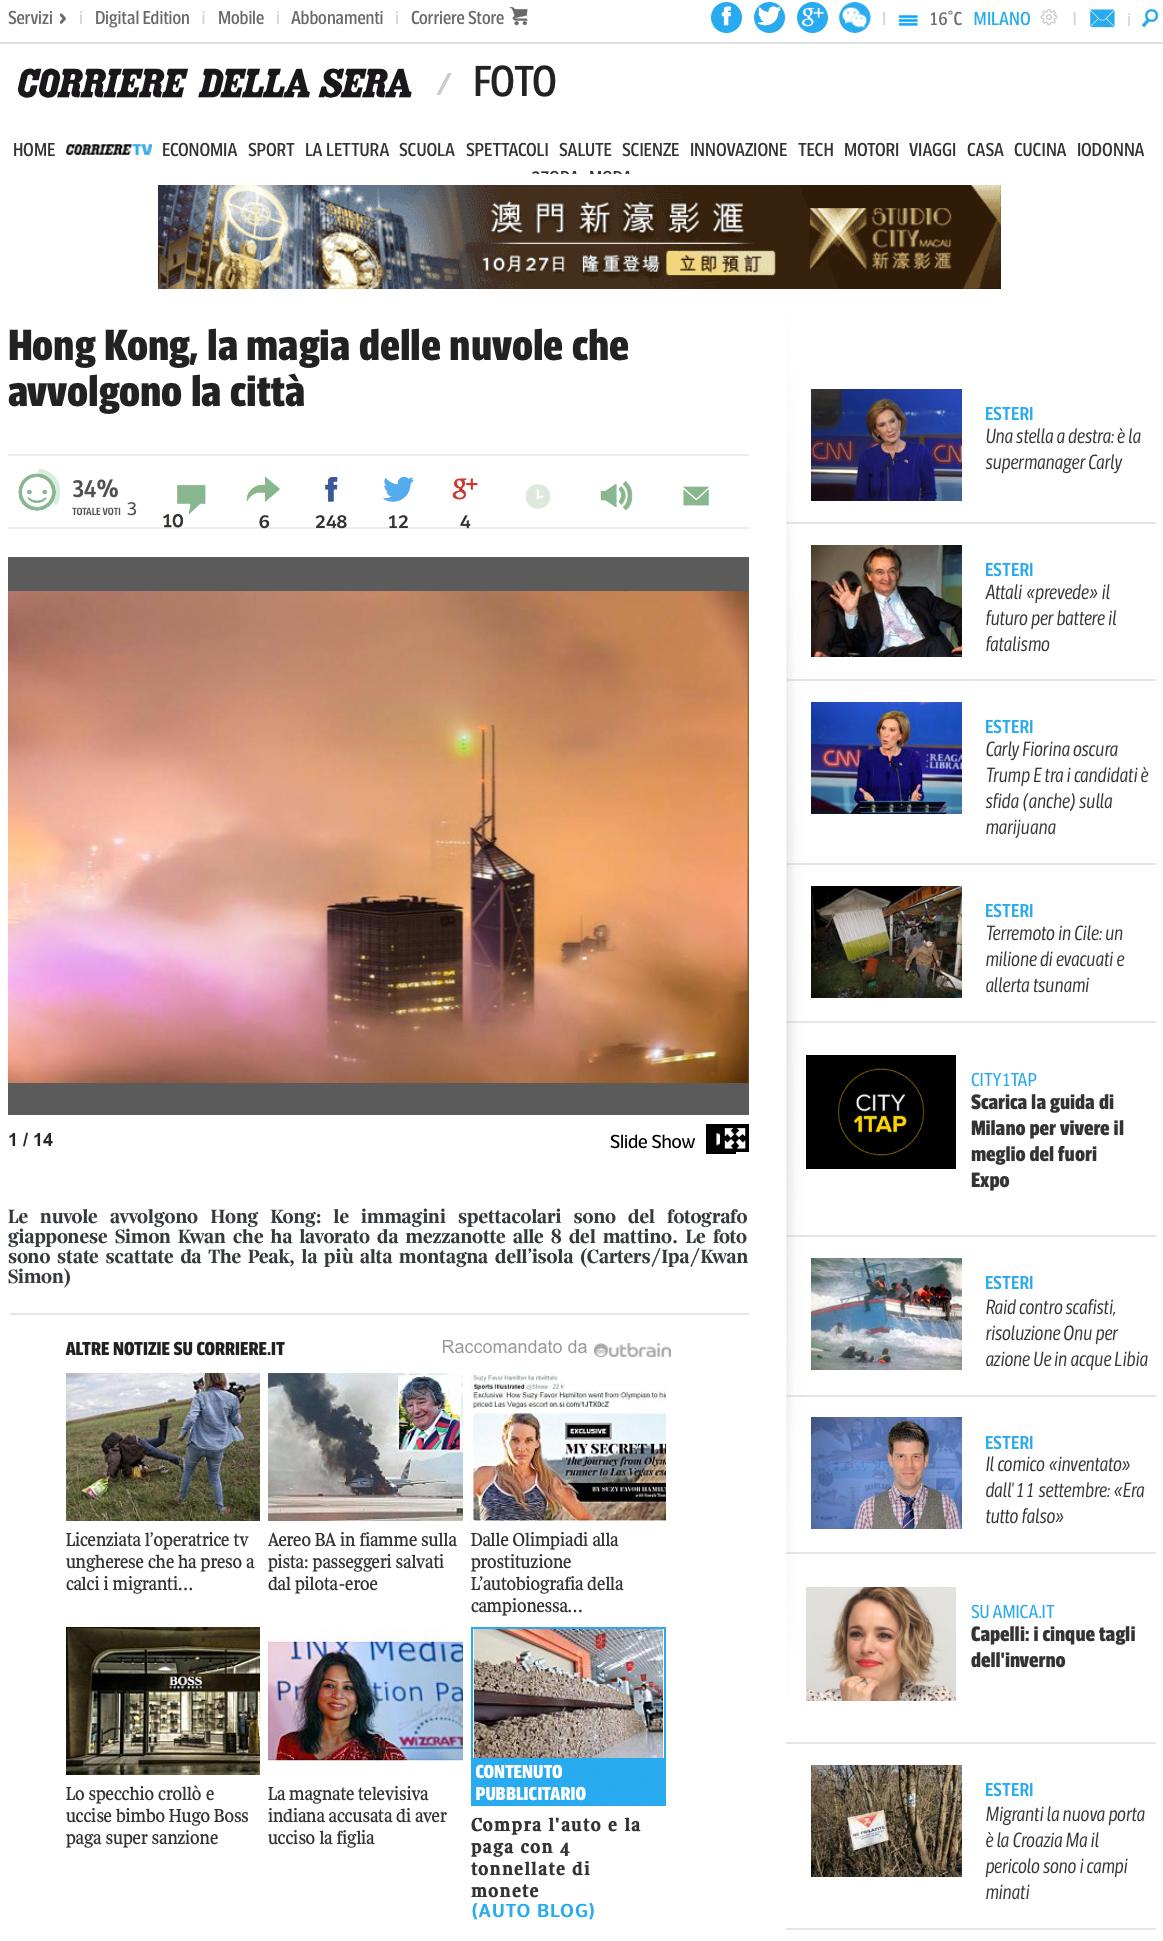 Corriere della Sera - Italian newspaper published in Milan25th March, 2015